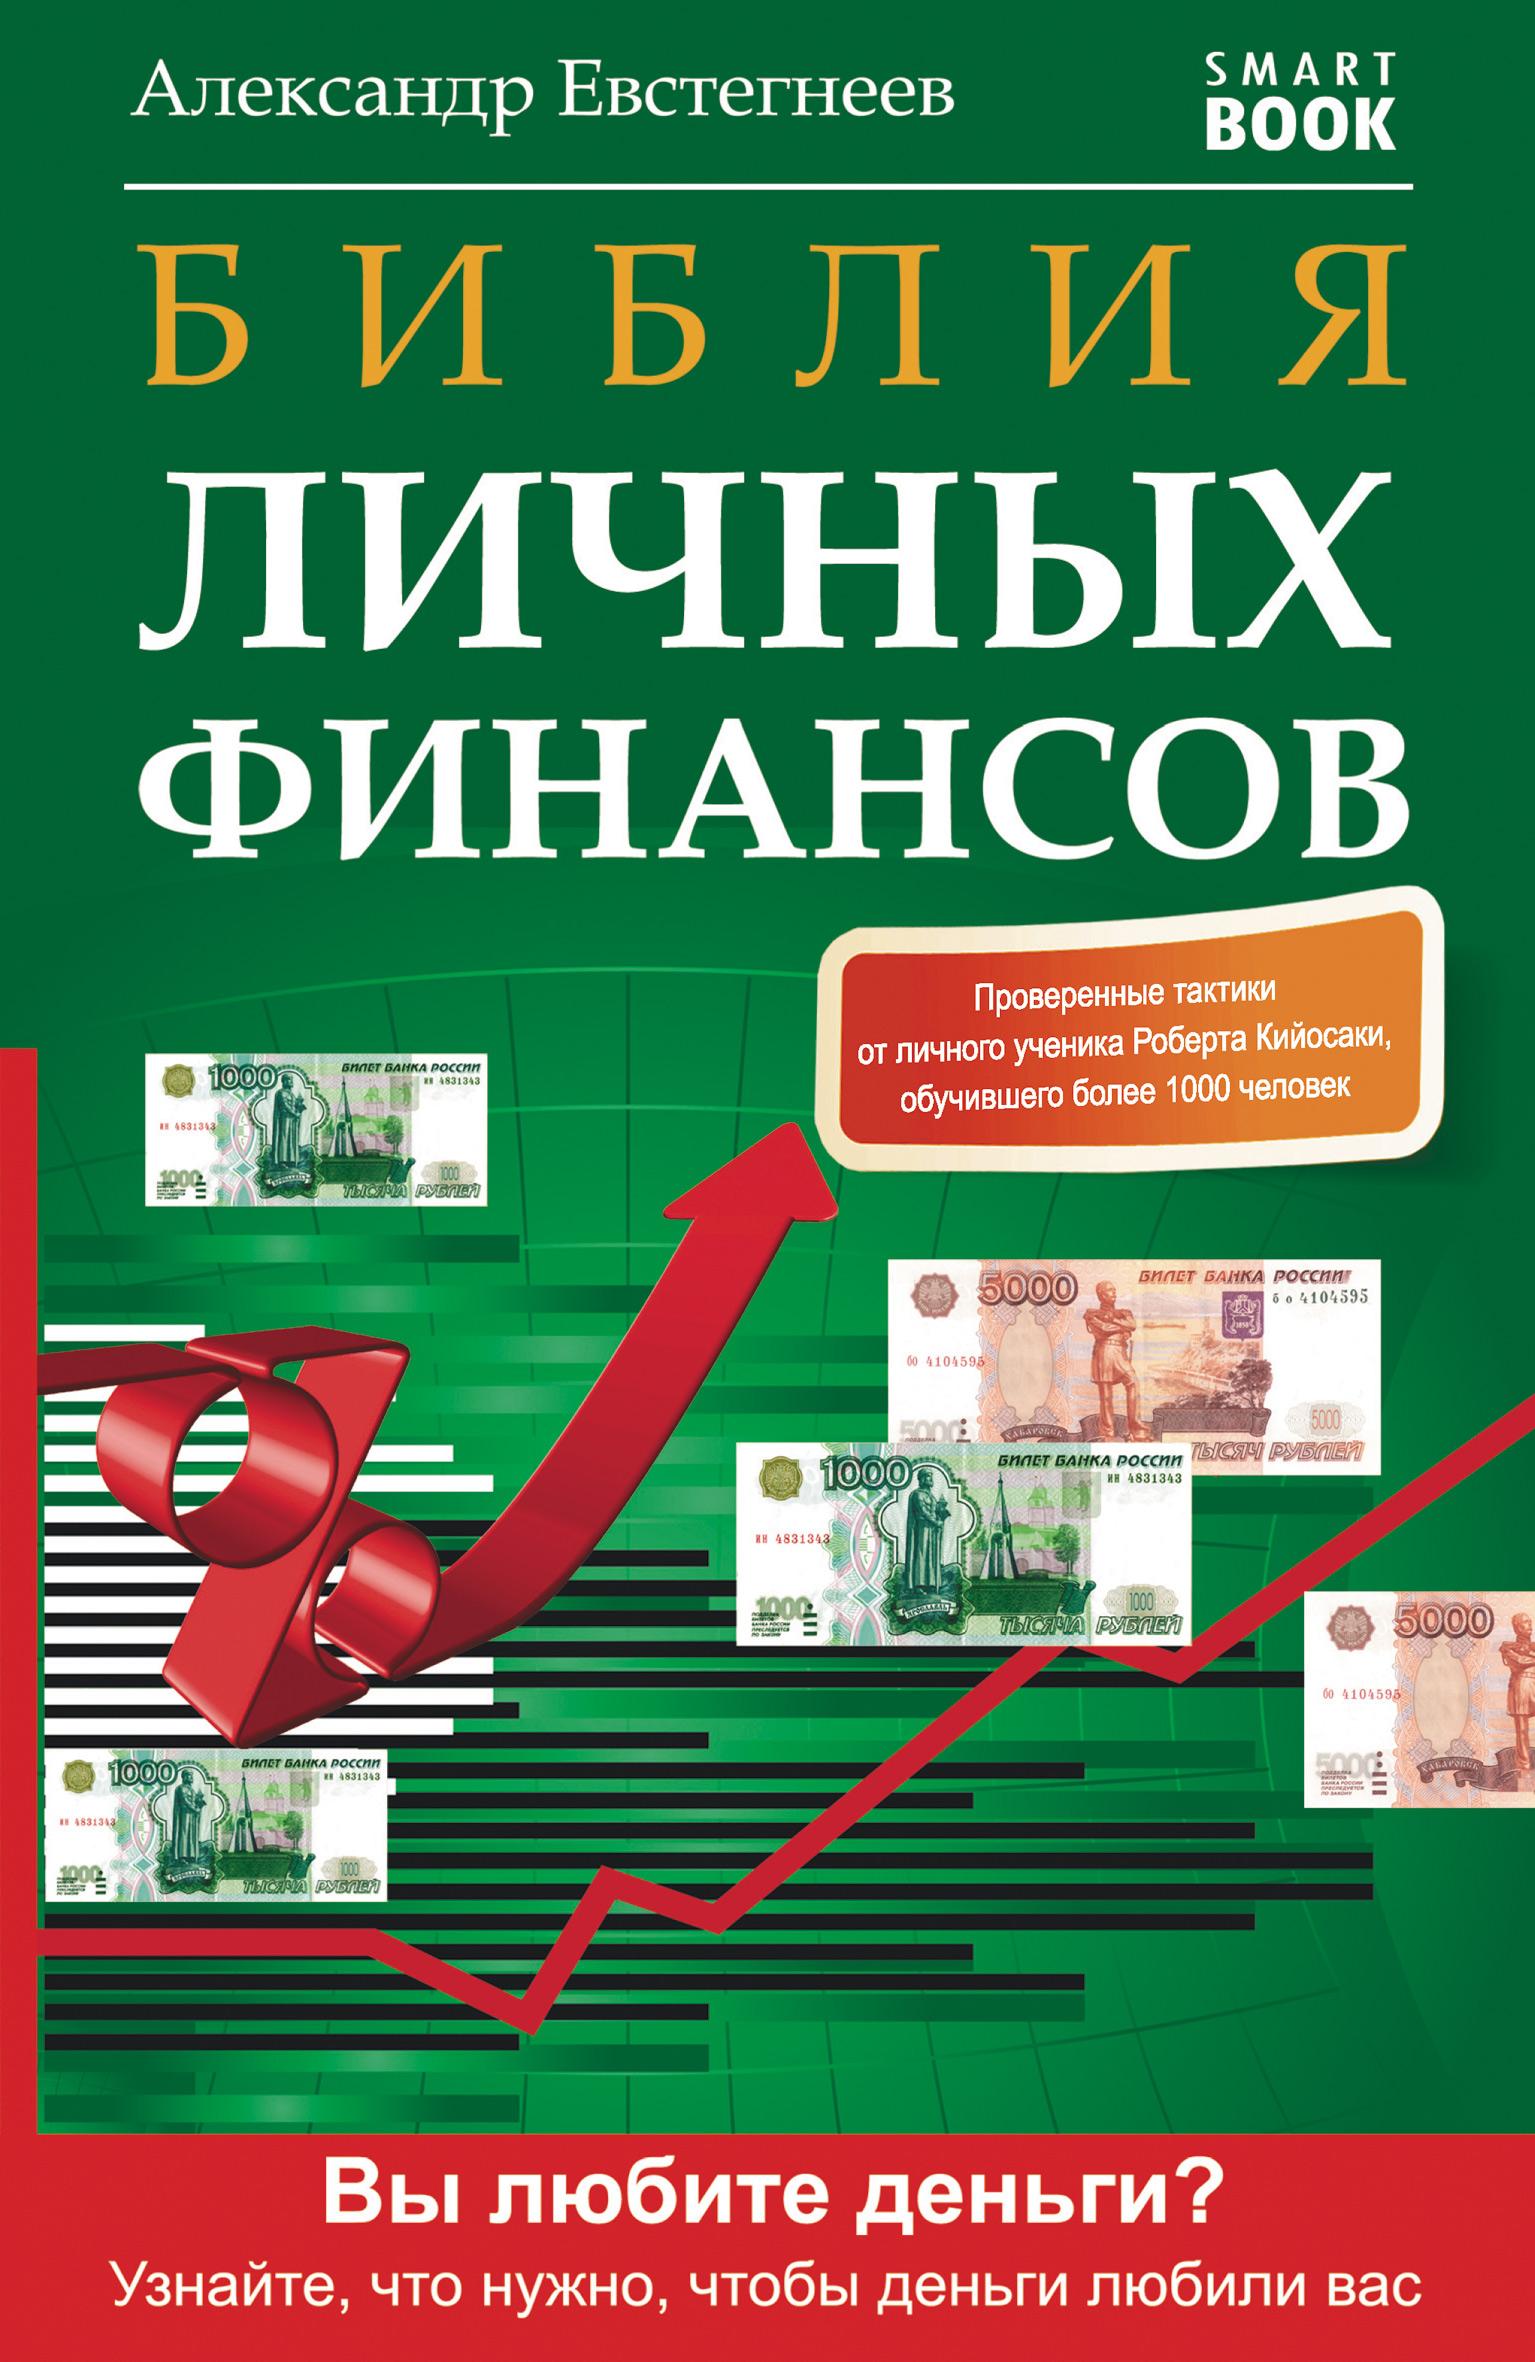 Обложка книги. Автор - Александр Евстегнеев